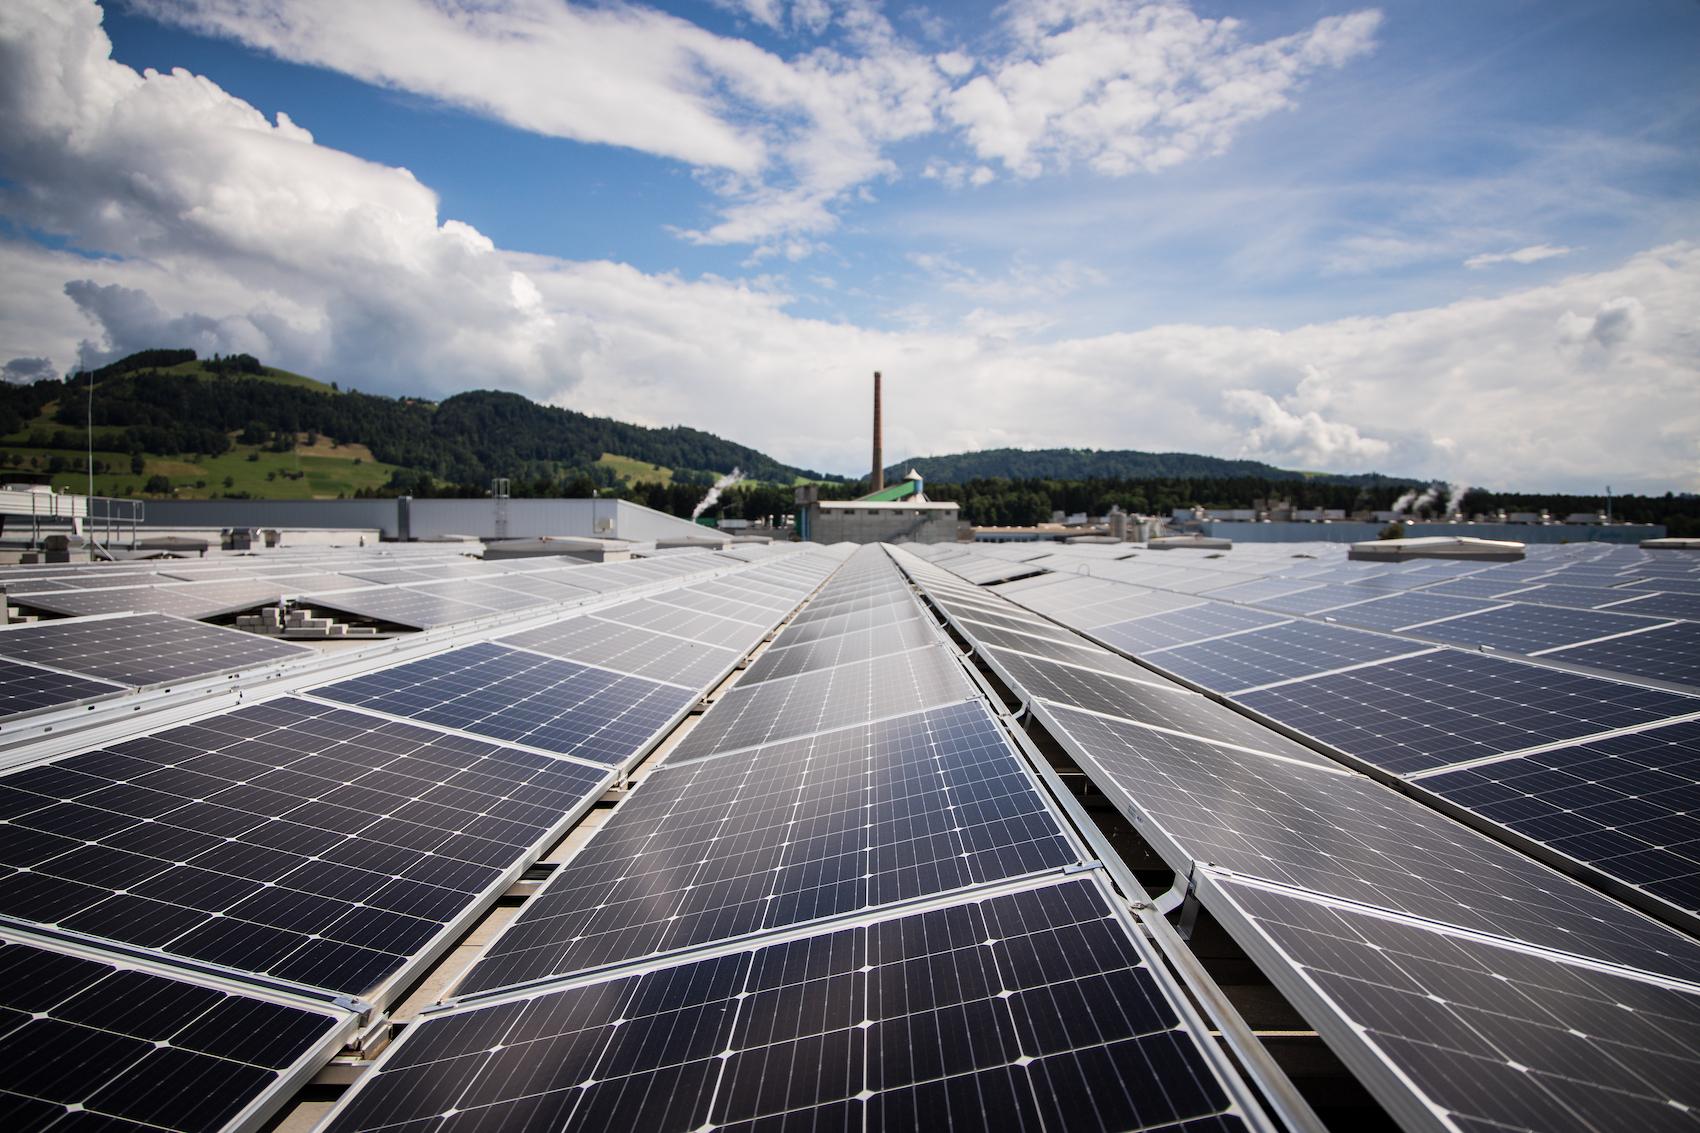 L'impianto è sostenibile anche dal punto di vista finanziario: i costi di produzione dell'energia elettrica sono inferiori a 10 centesimi per kWh.